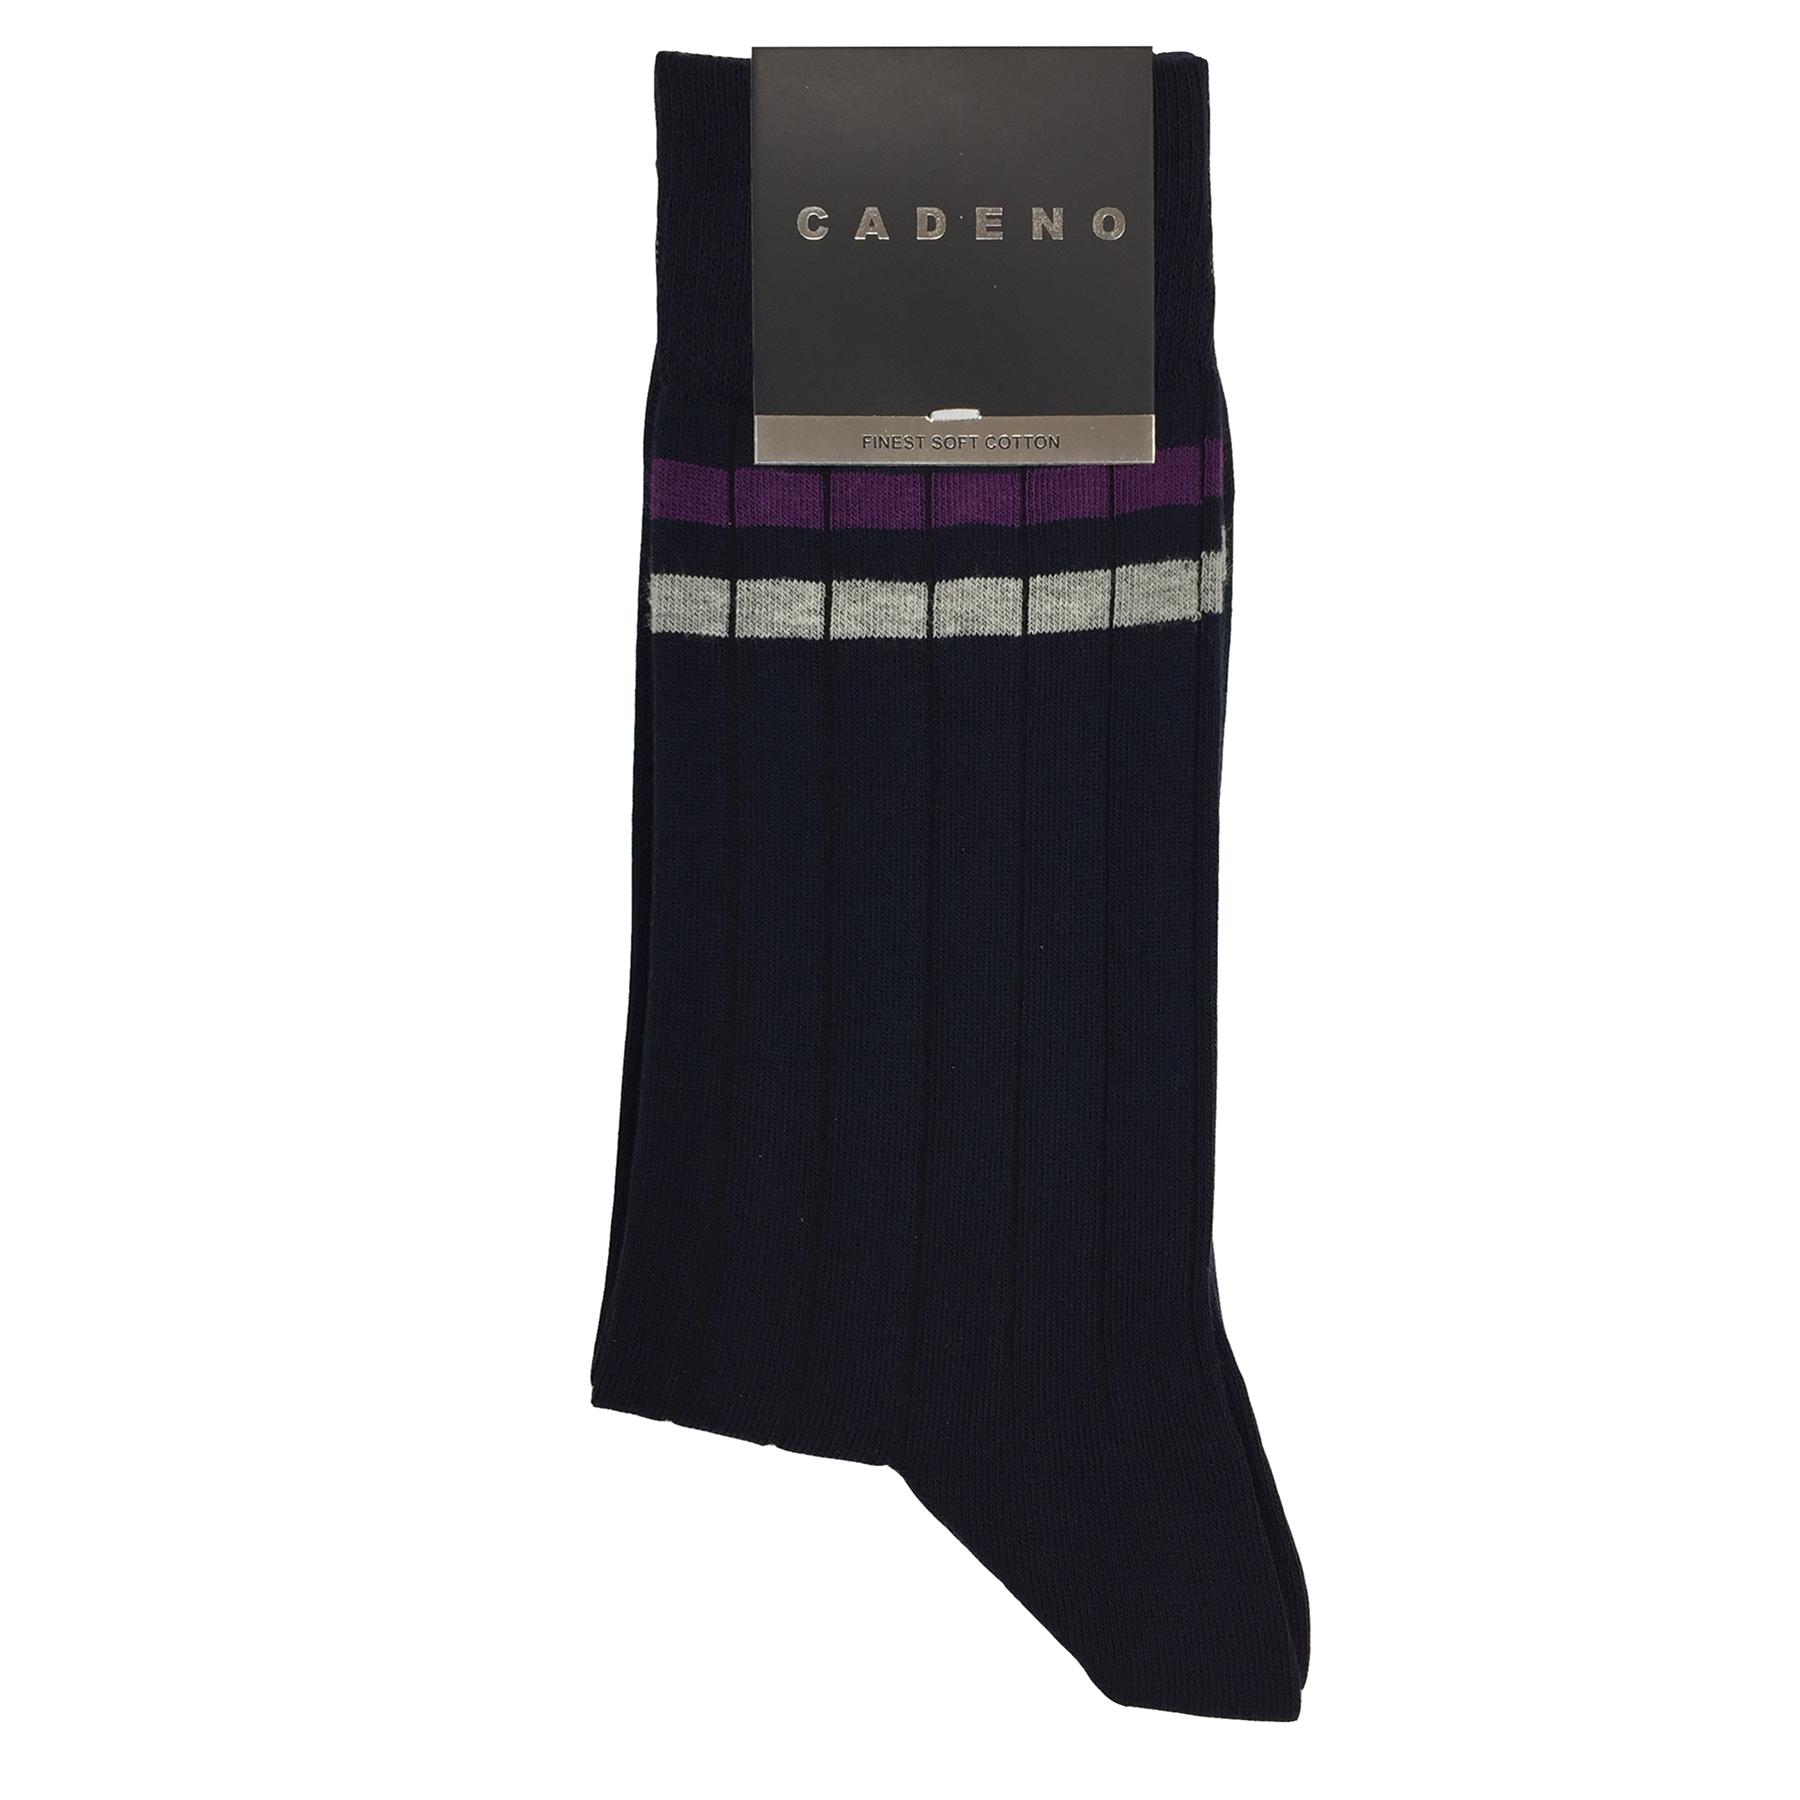 جوراب مردانه کادنو مدل ST-R34 رنگ سرمه ای thumb